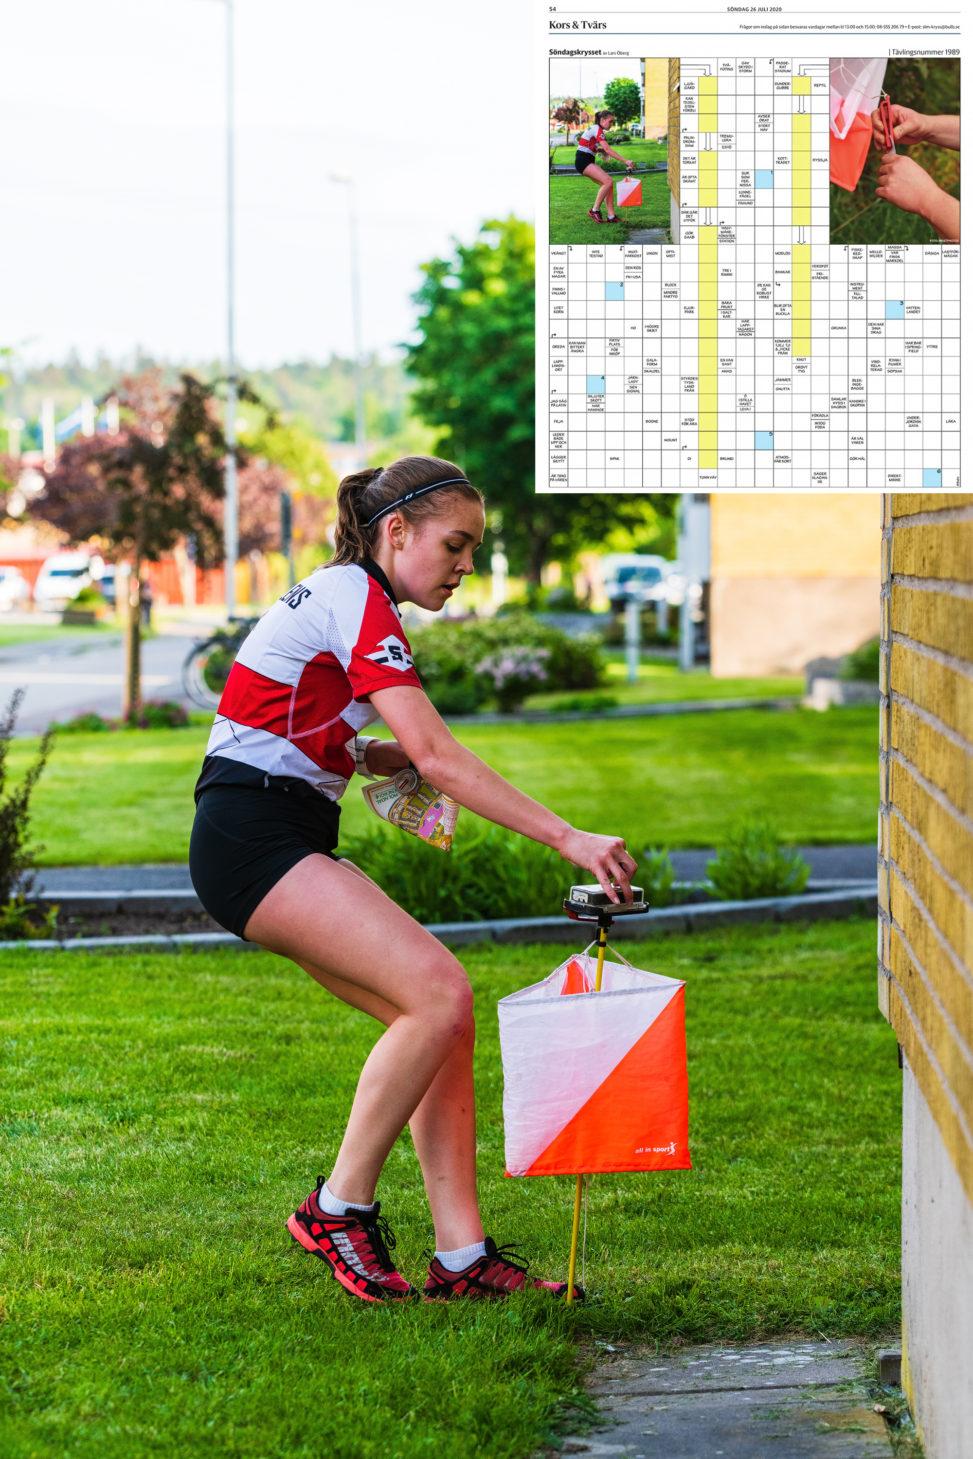 I söndagens GP var en av mina orienteringsbilder från sprint-DM ifjol med i söndagskrysset.